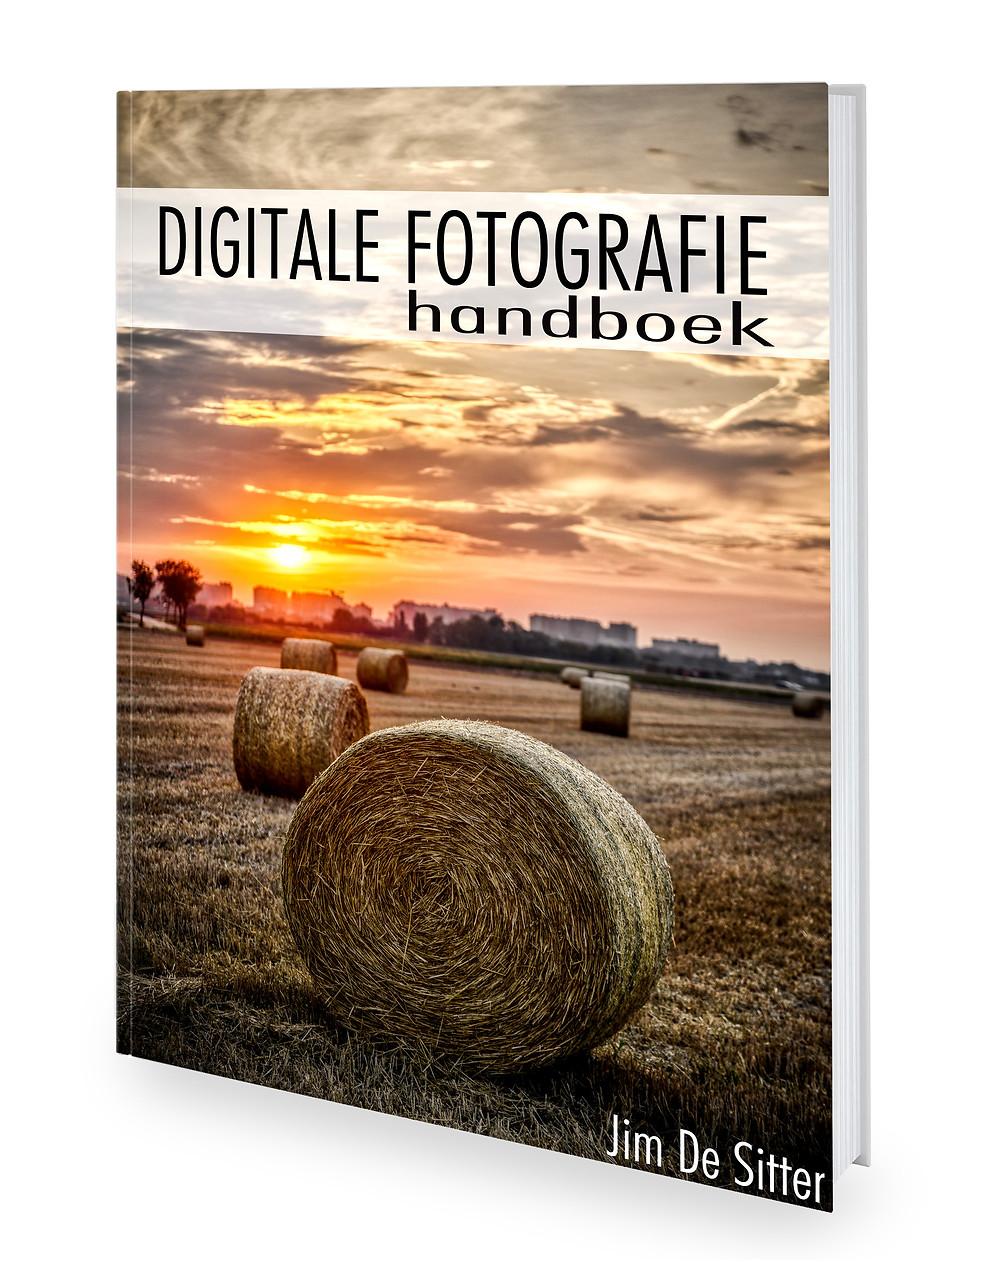 Digitale fotografie handboek door Jim De Sitter